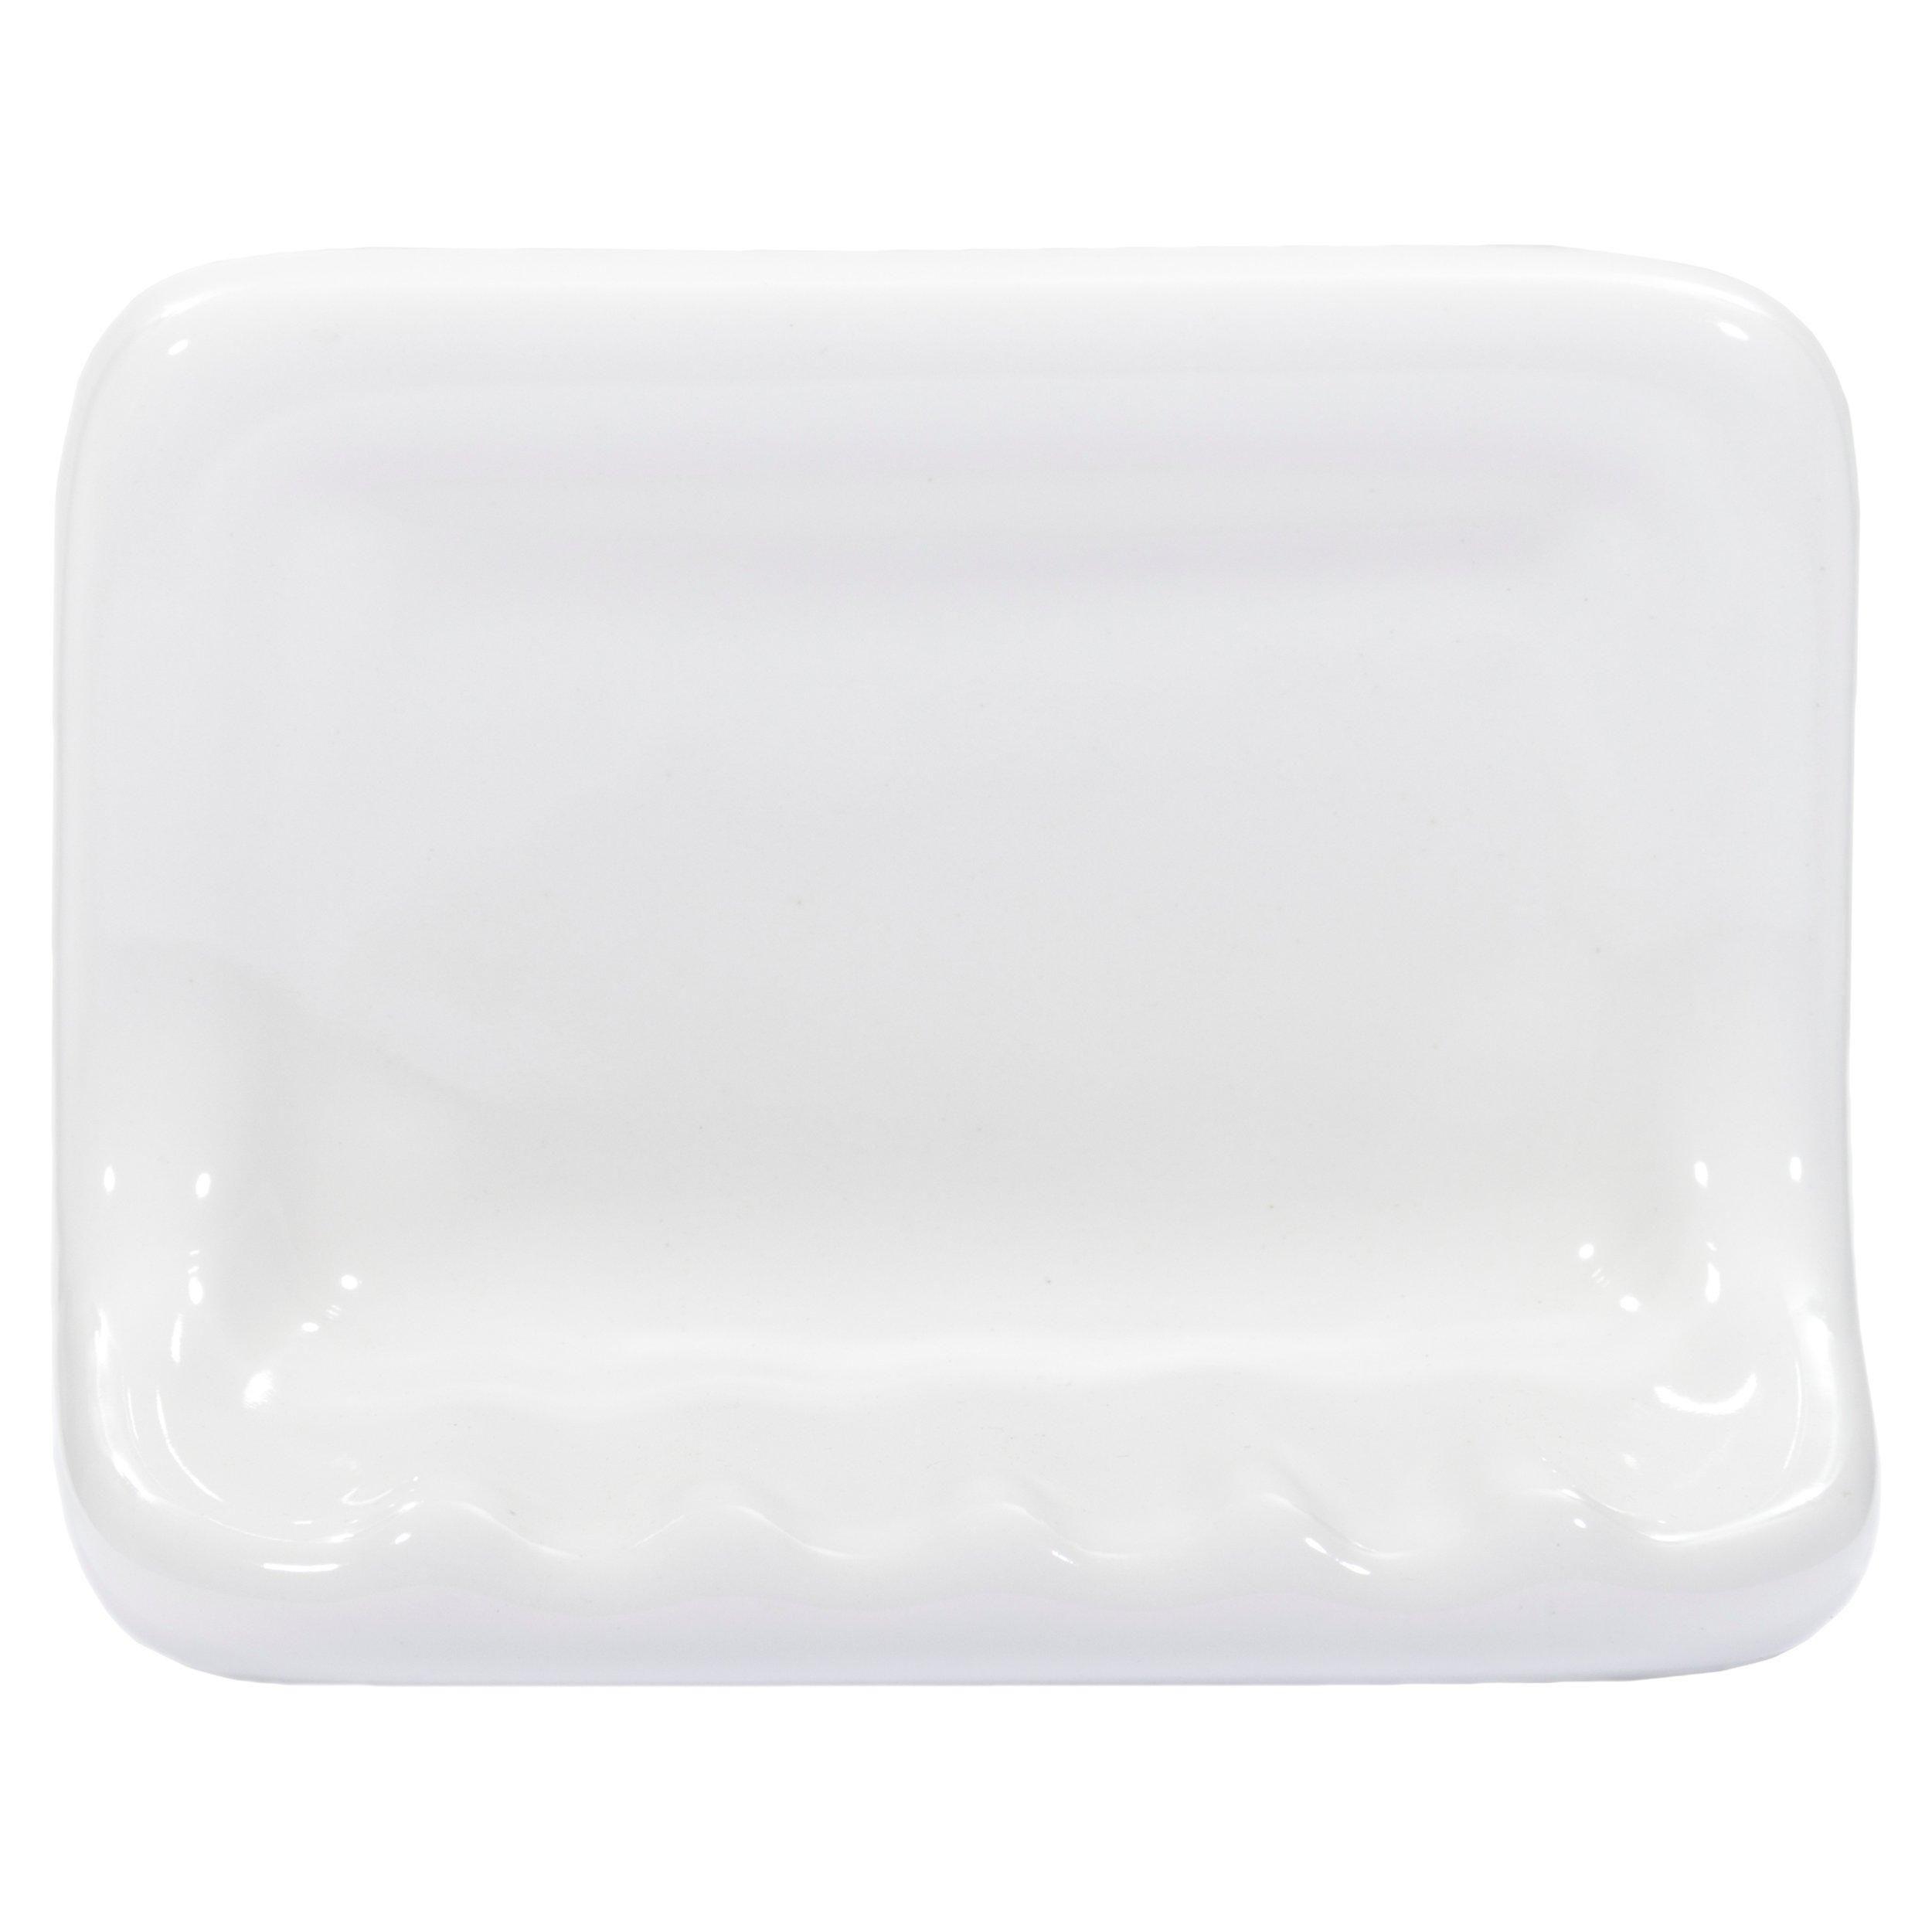 White Ceramic Soap Dish In 2020 Ceramic Soap Dish White